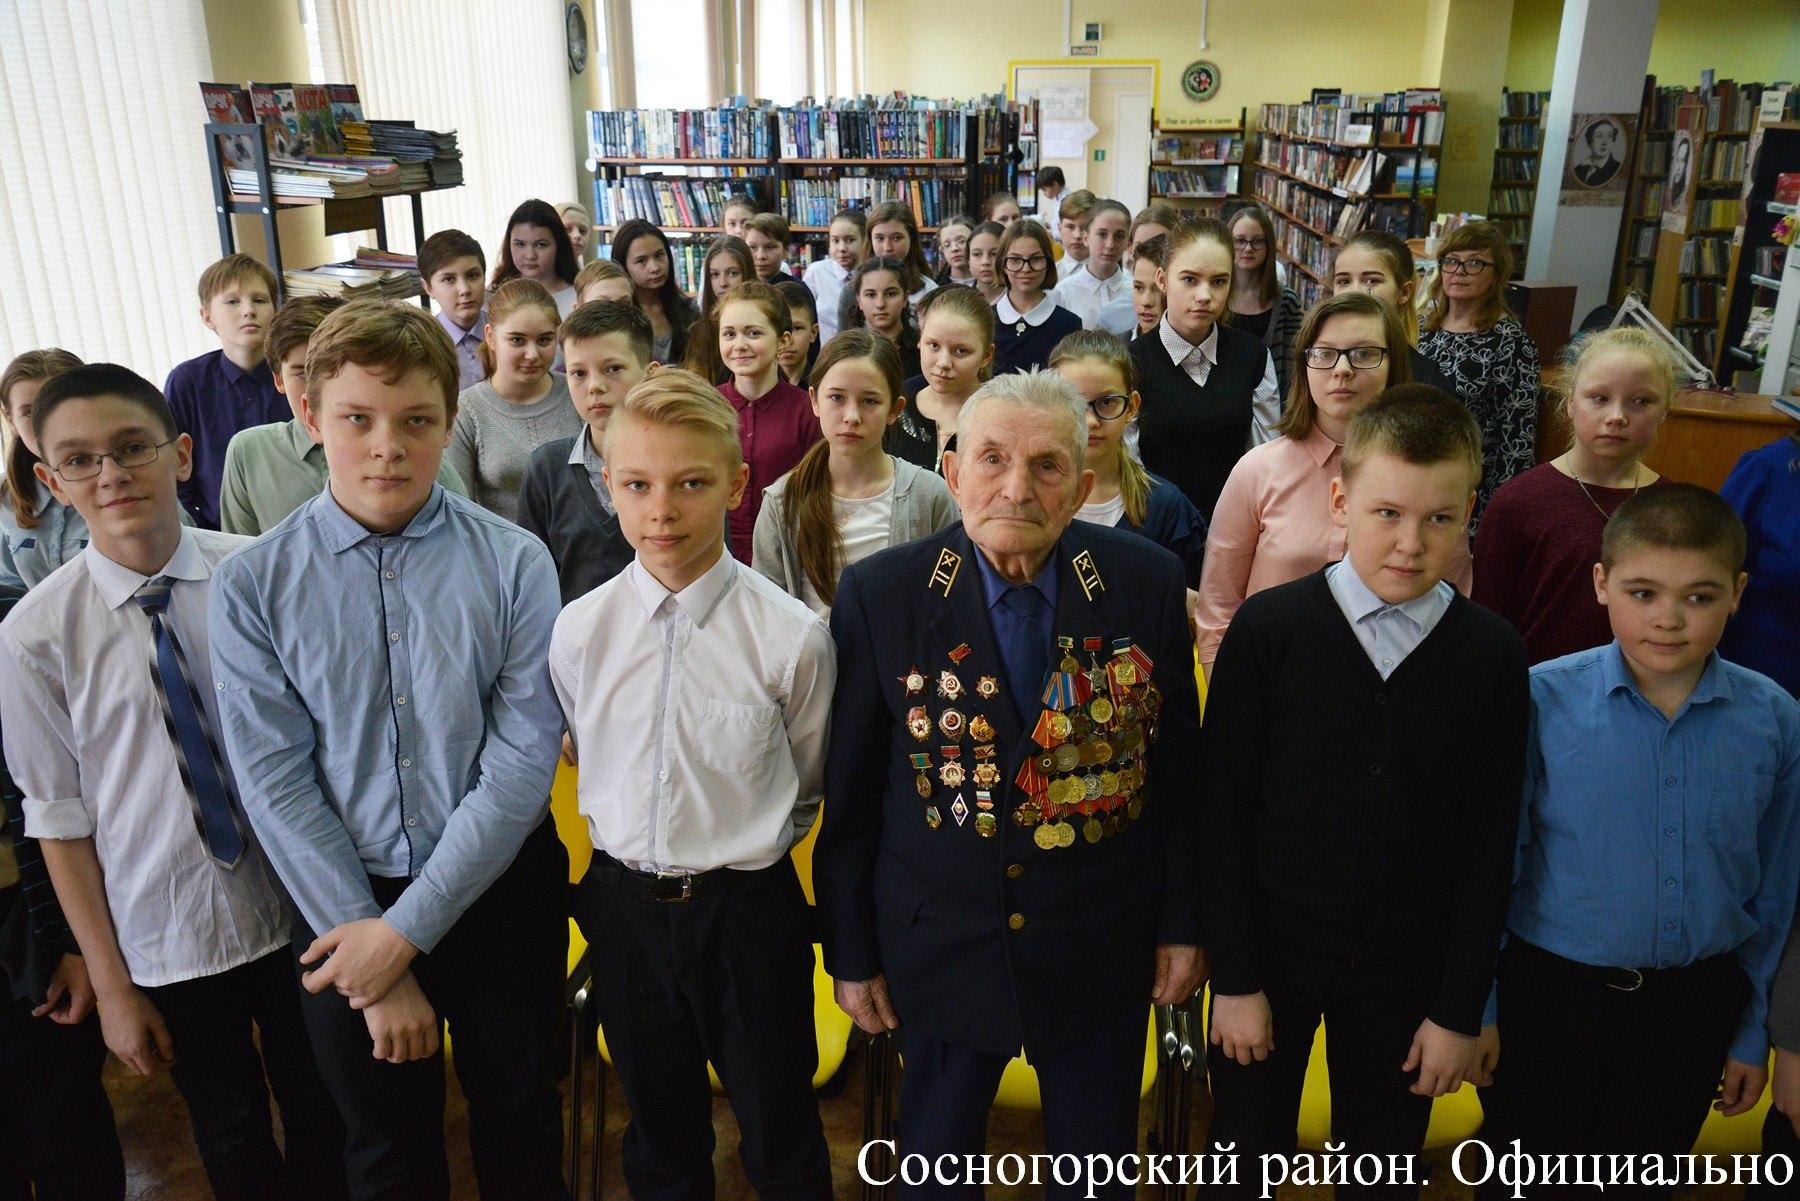 Vstrecha-s-Mihailom-Ivanovichem-Syrokvaschei-01.jpg